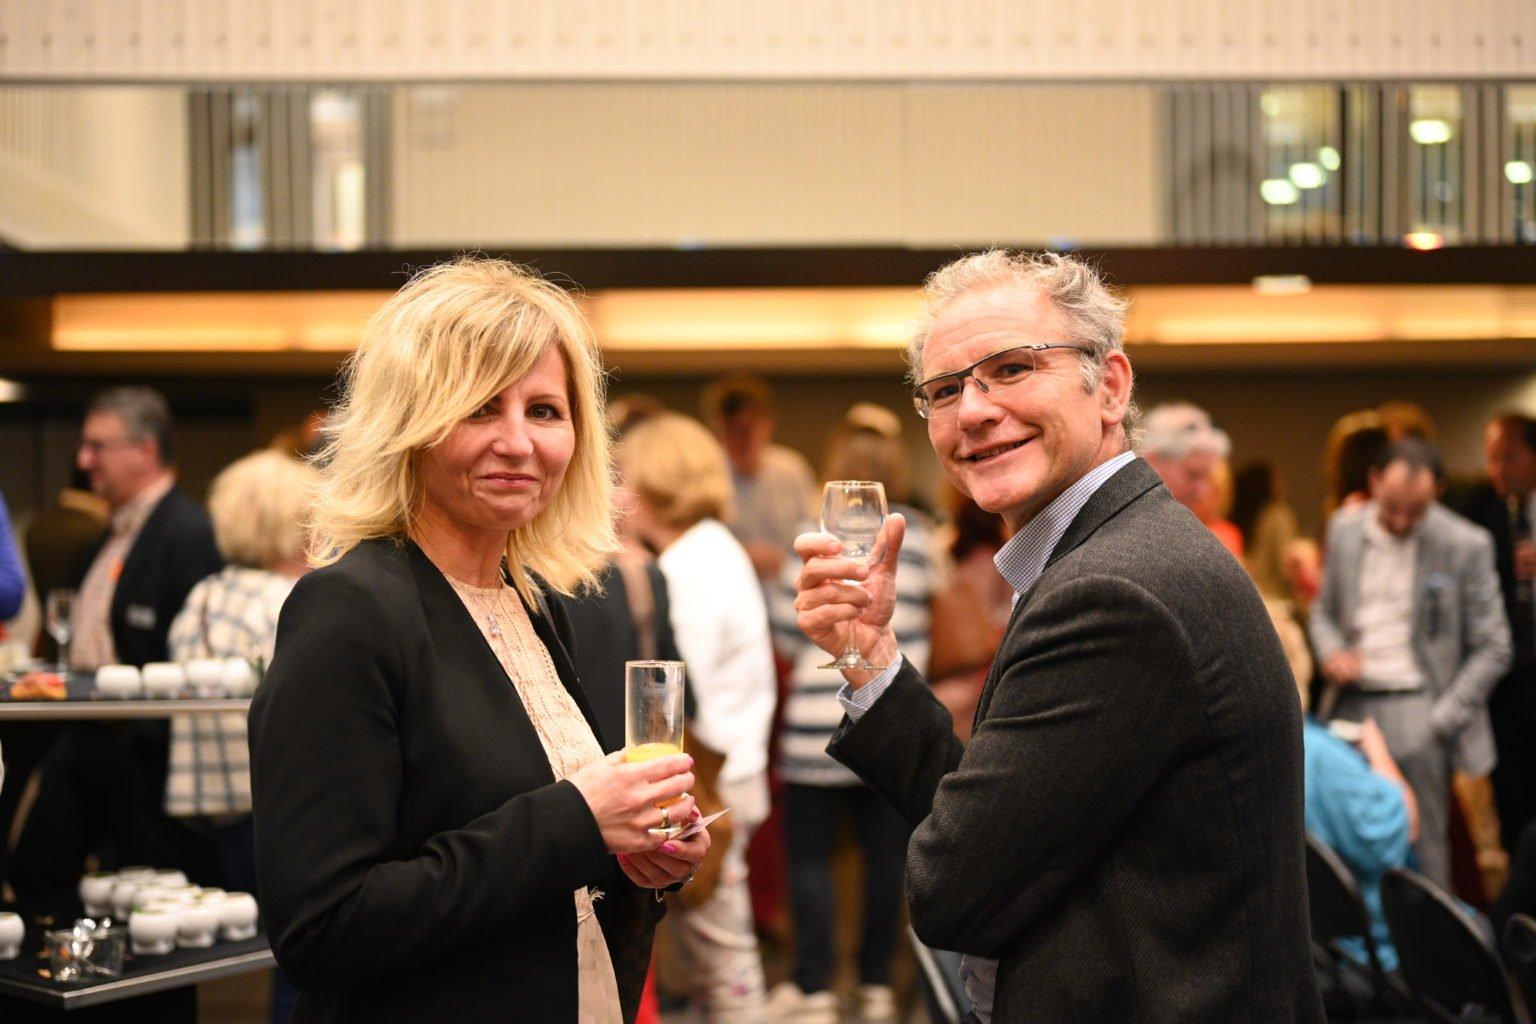 Soirée networking, Conférence à propos du CBTC, par le Rotary Club de Louvain-La-Neuve